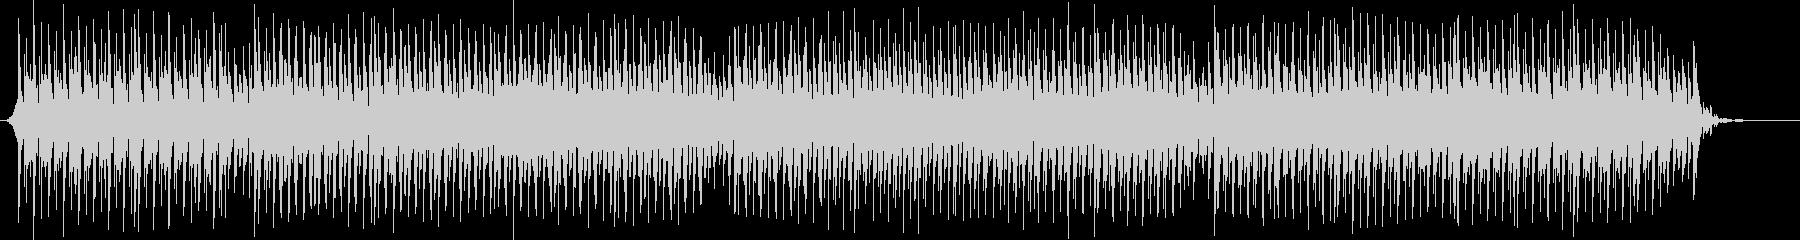 ヘッドライン/ニュース/BGM/四つ打系の未再生の波形